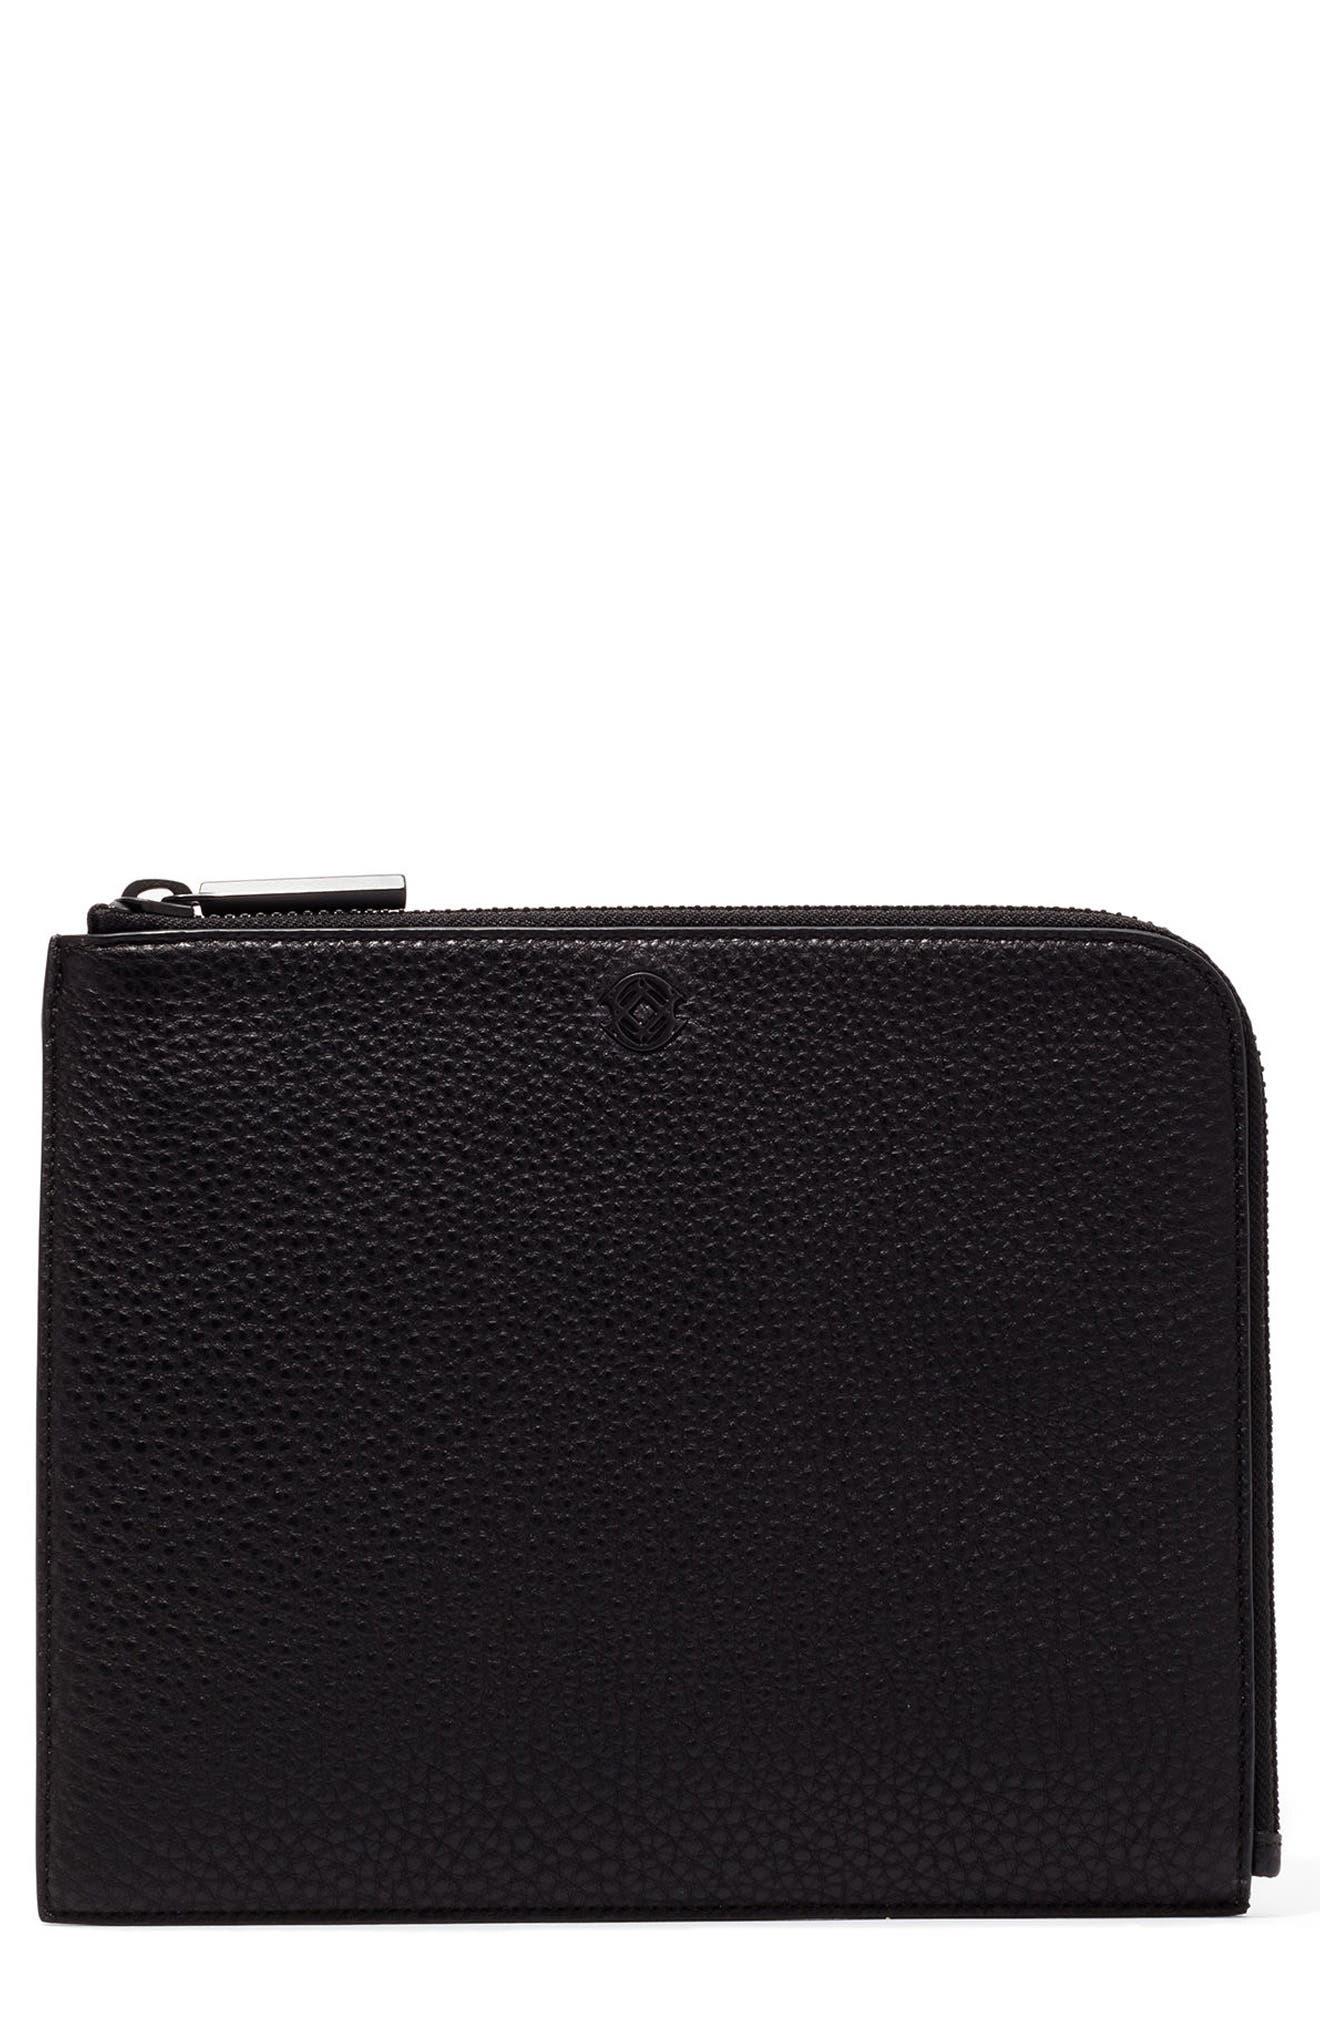 Large Elle Leather Clutch,                             Main thumbnail 1, color,                             BONE/ ONYX